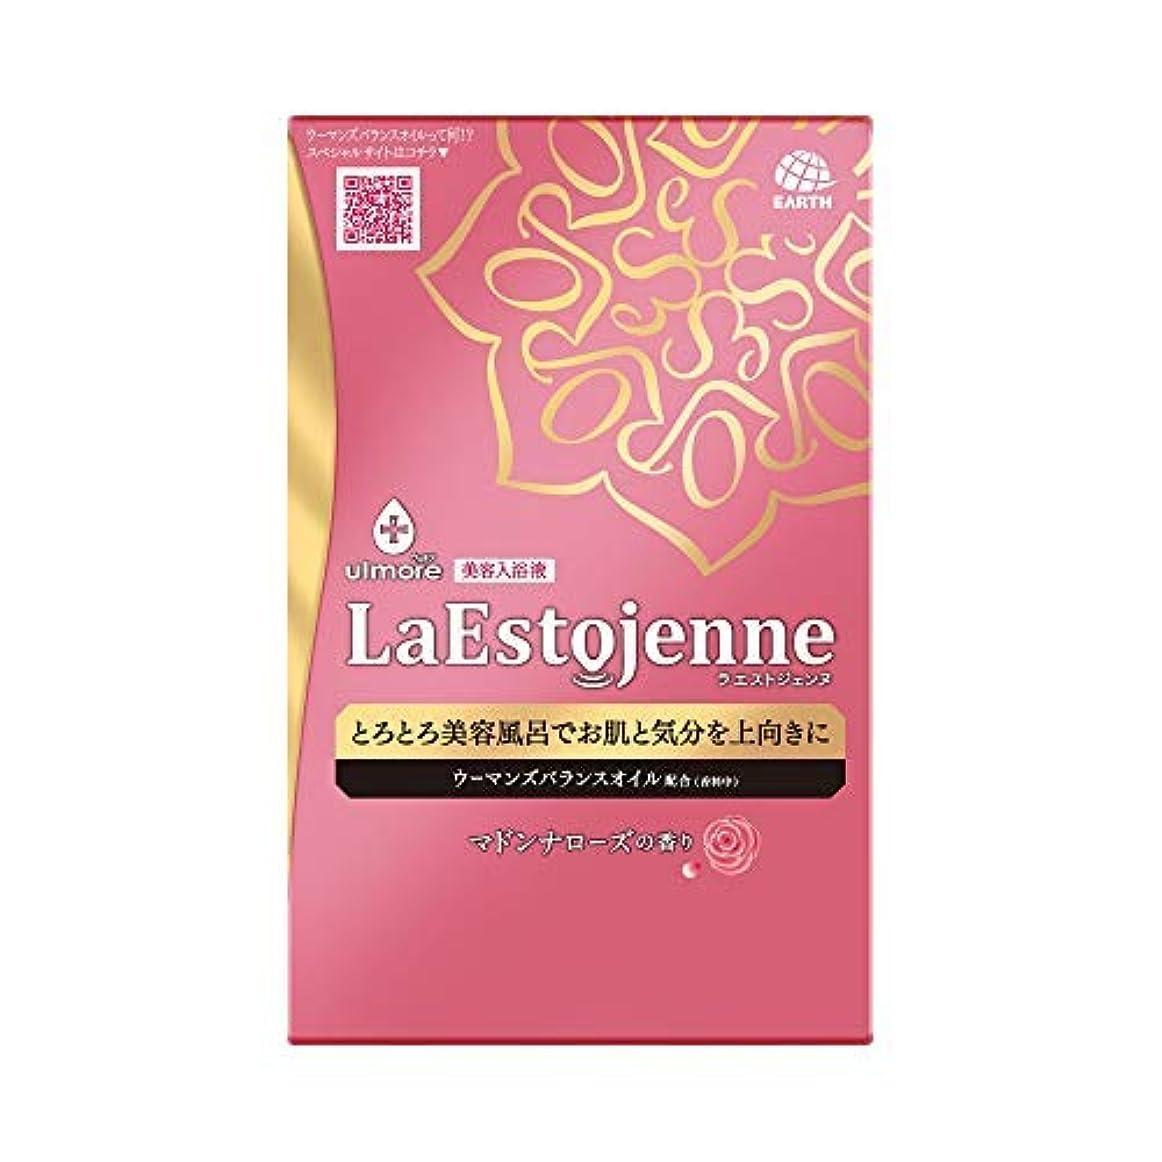 ジョセフバンクス組み込む飛ぶウルモア ラエストジェンヌ マドンナローズの香り 3包入り × 8個セット